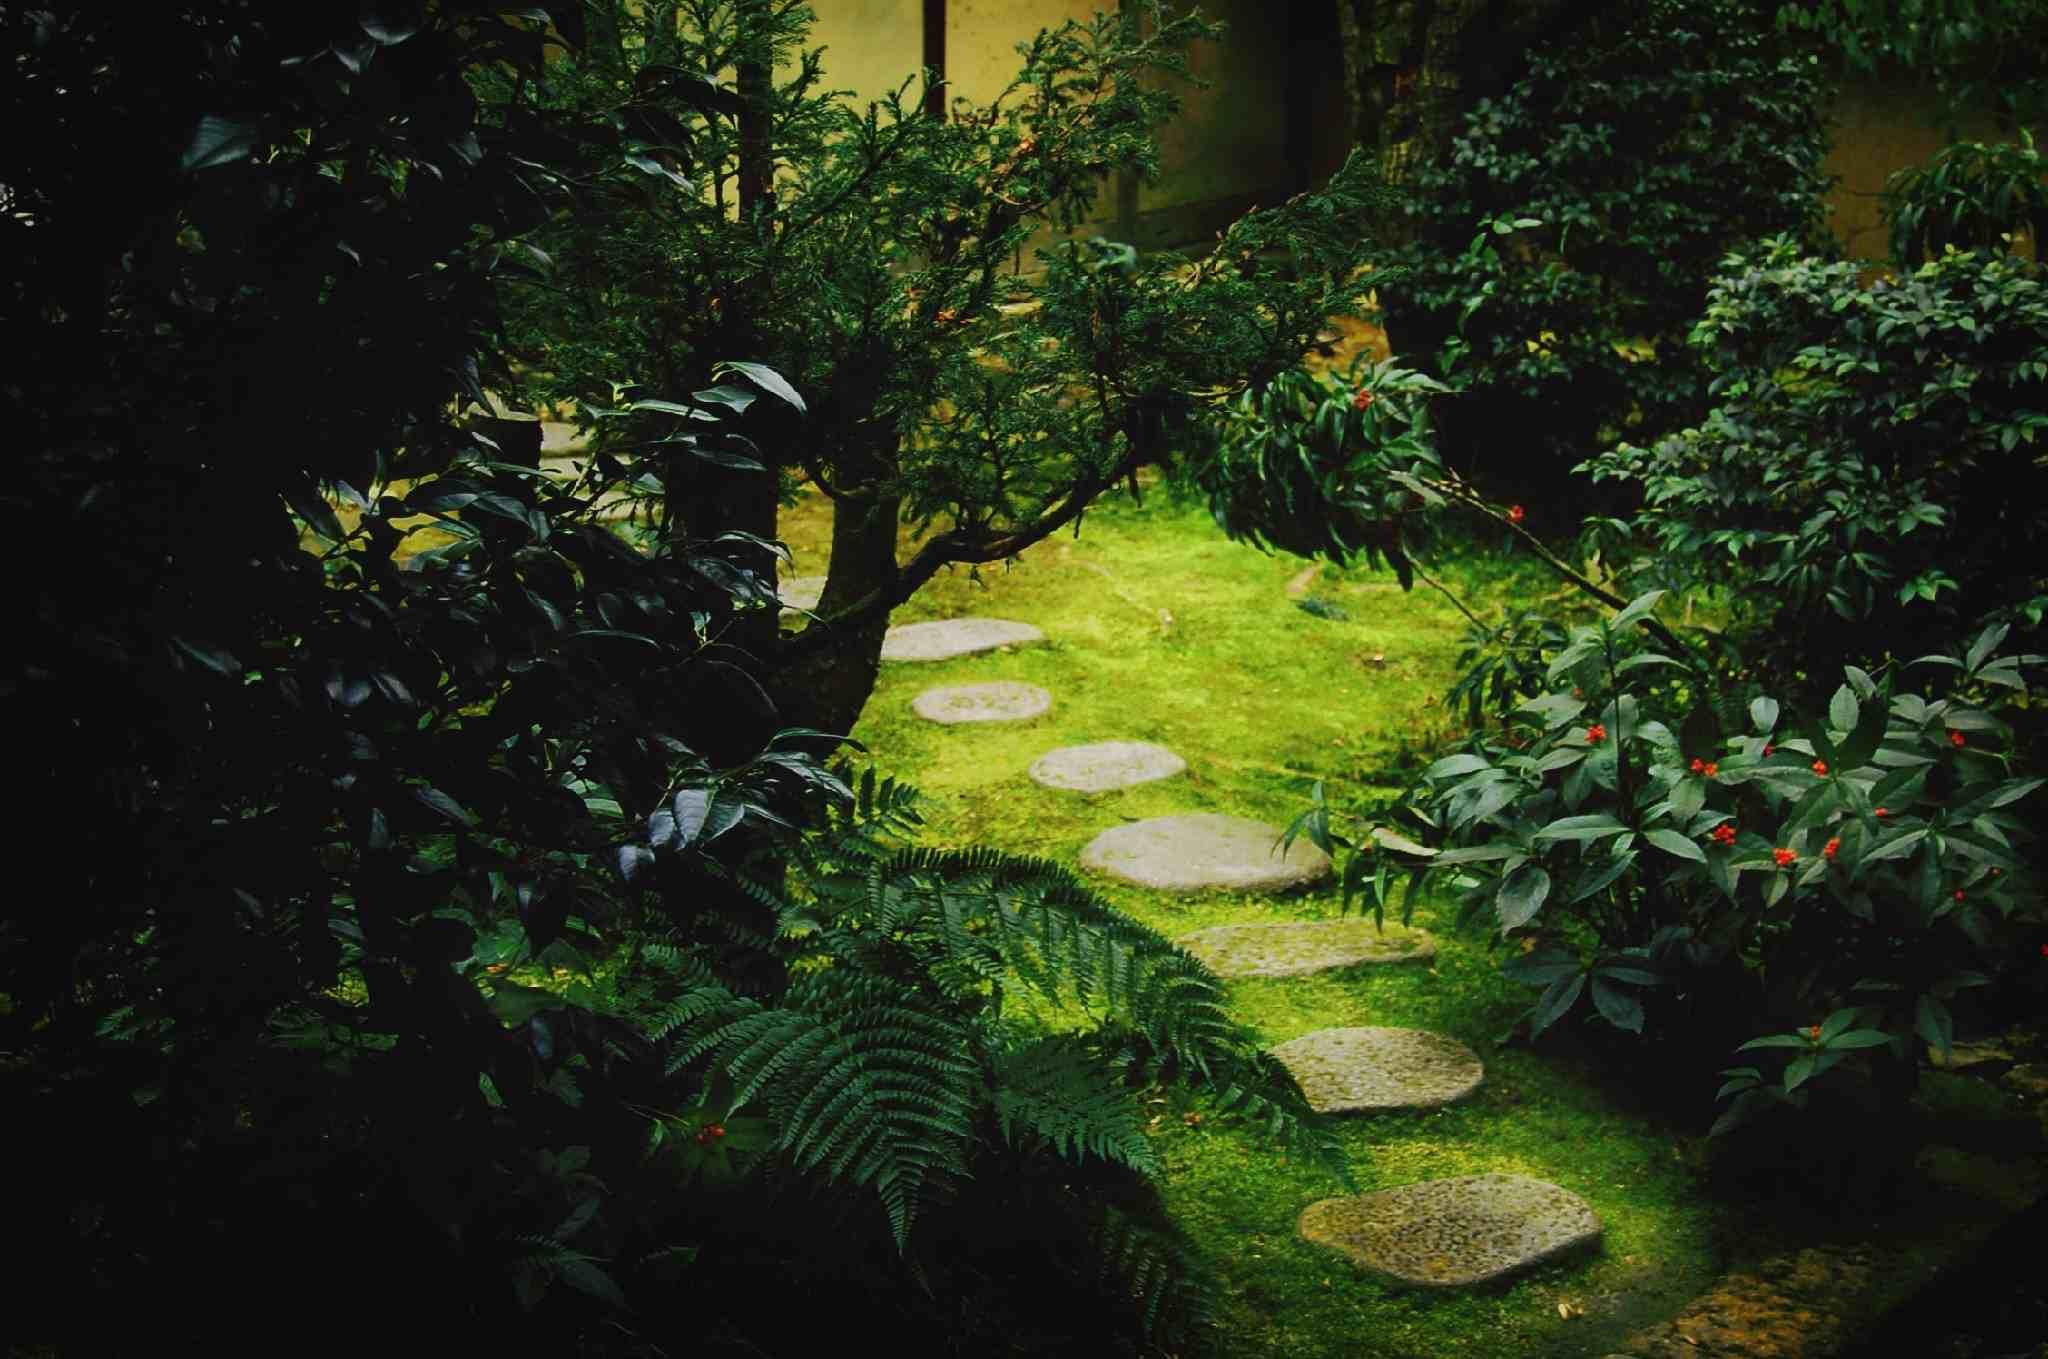 Camino de jardín de piedra escalonada